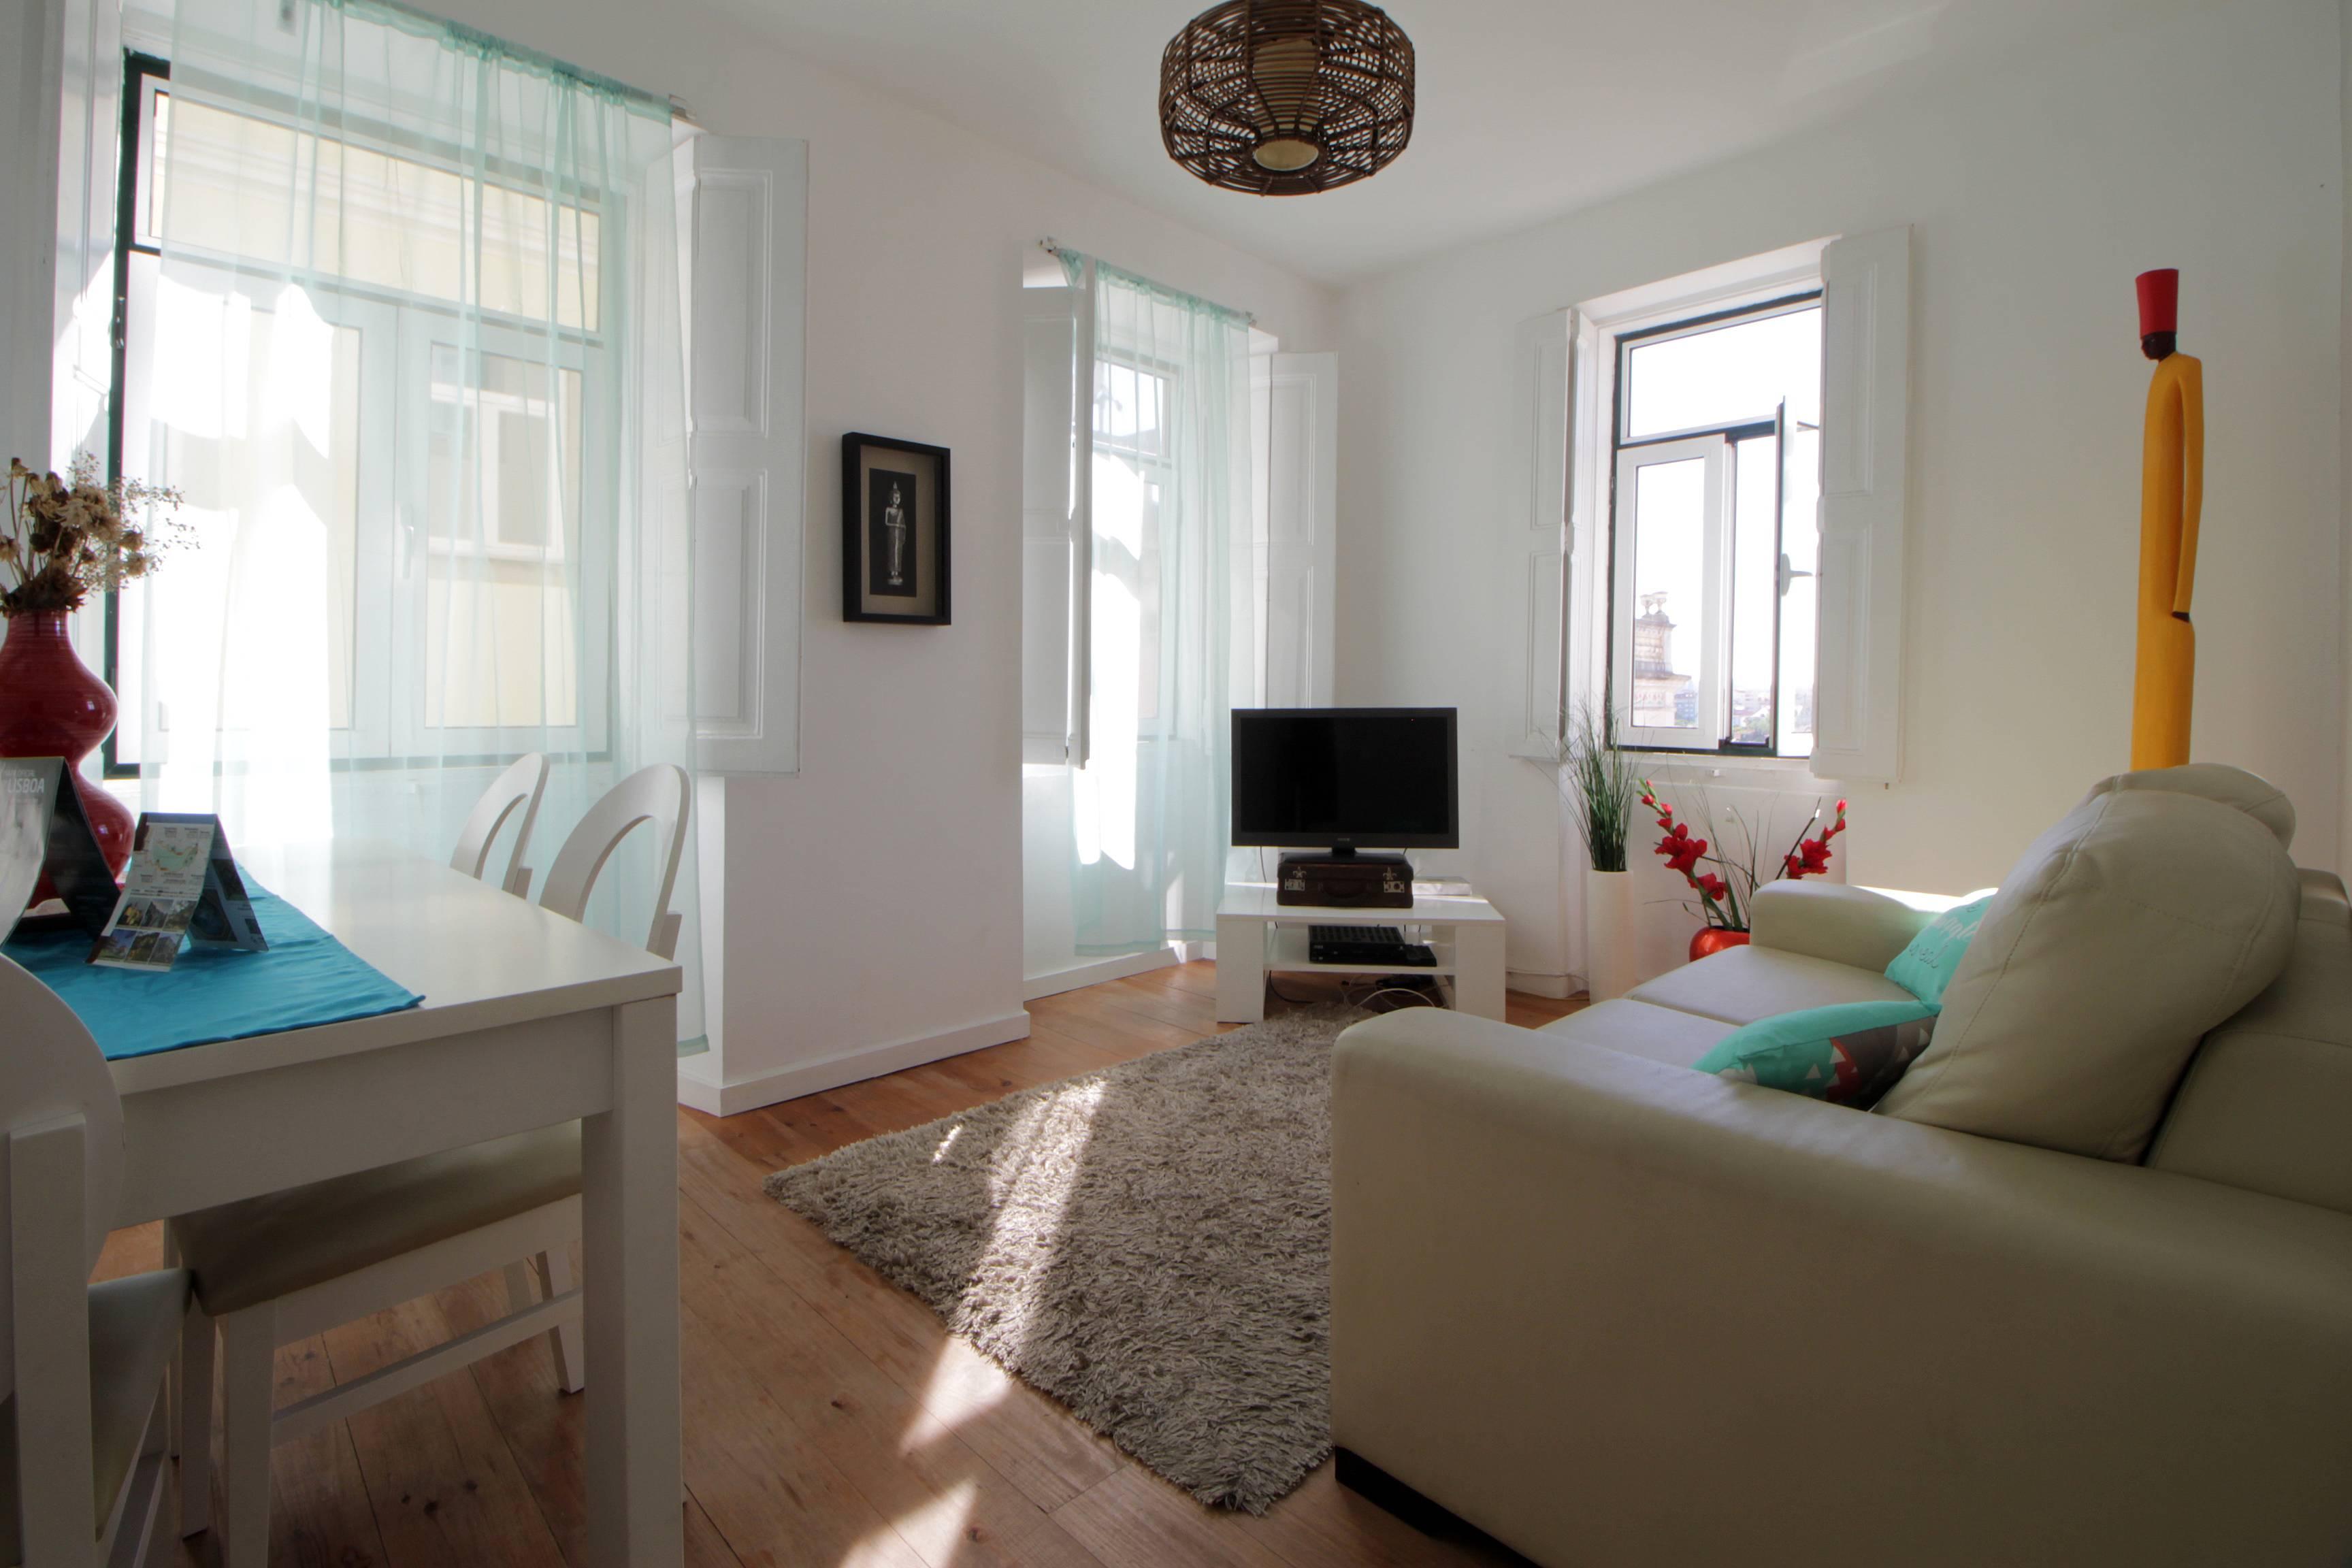 Apartamento para 4 6 personas en lisboa y valle del tajo - Apartamento en lisboa ...